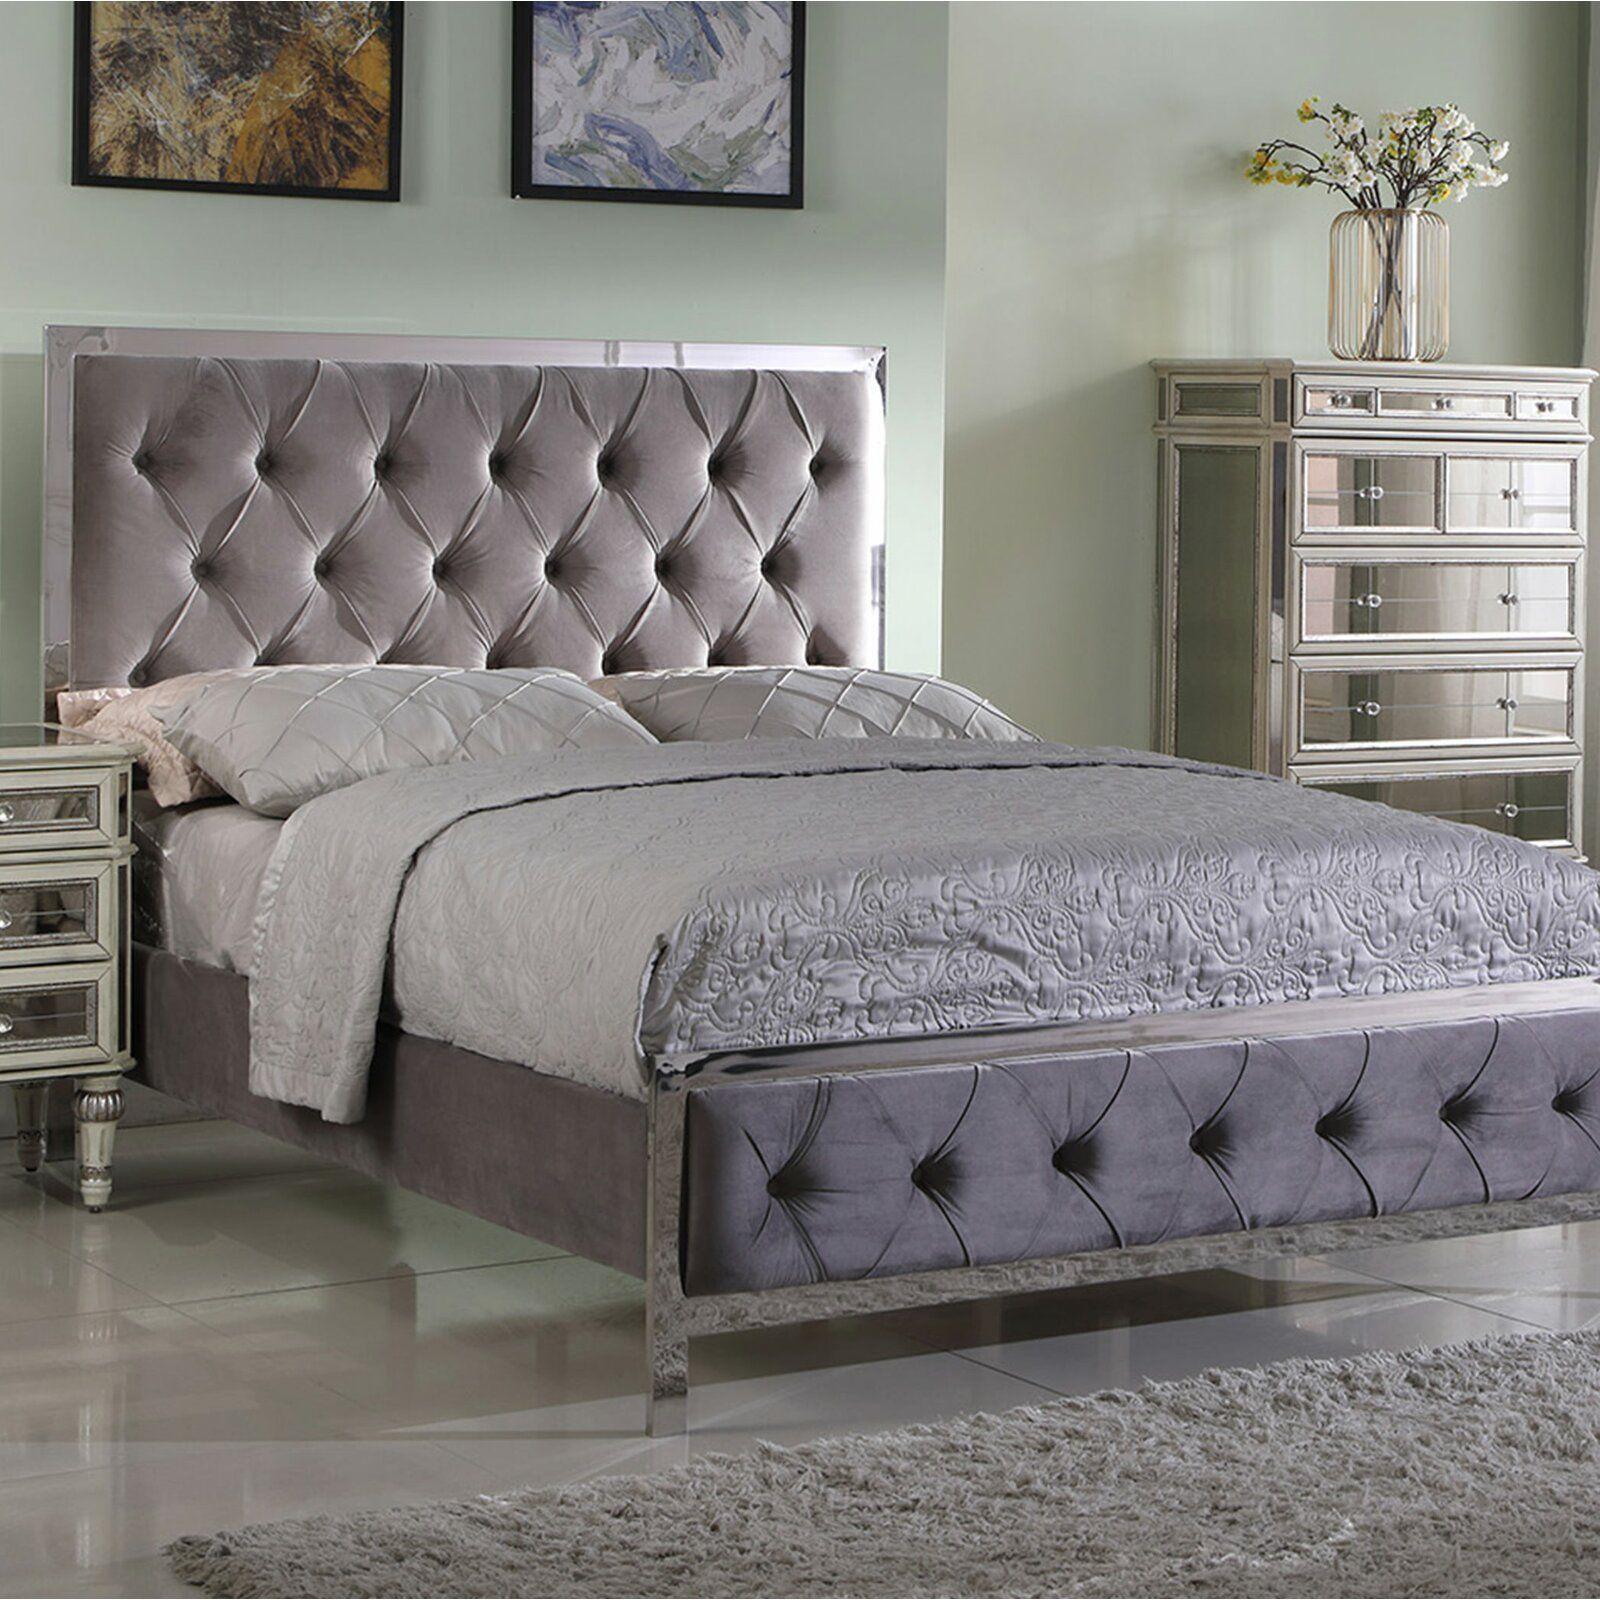 Oldbury Upholstered Standard Bed Upholstered Panel Bed